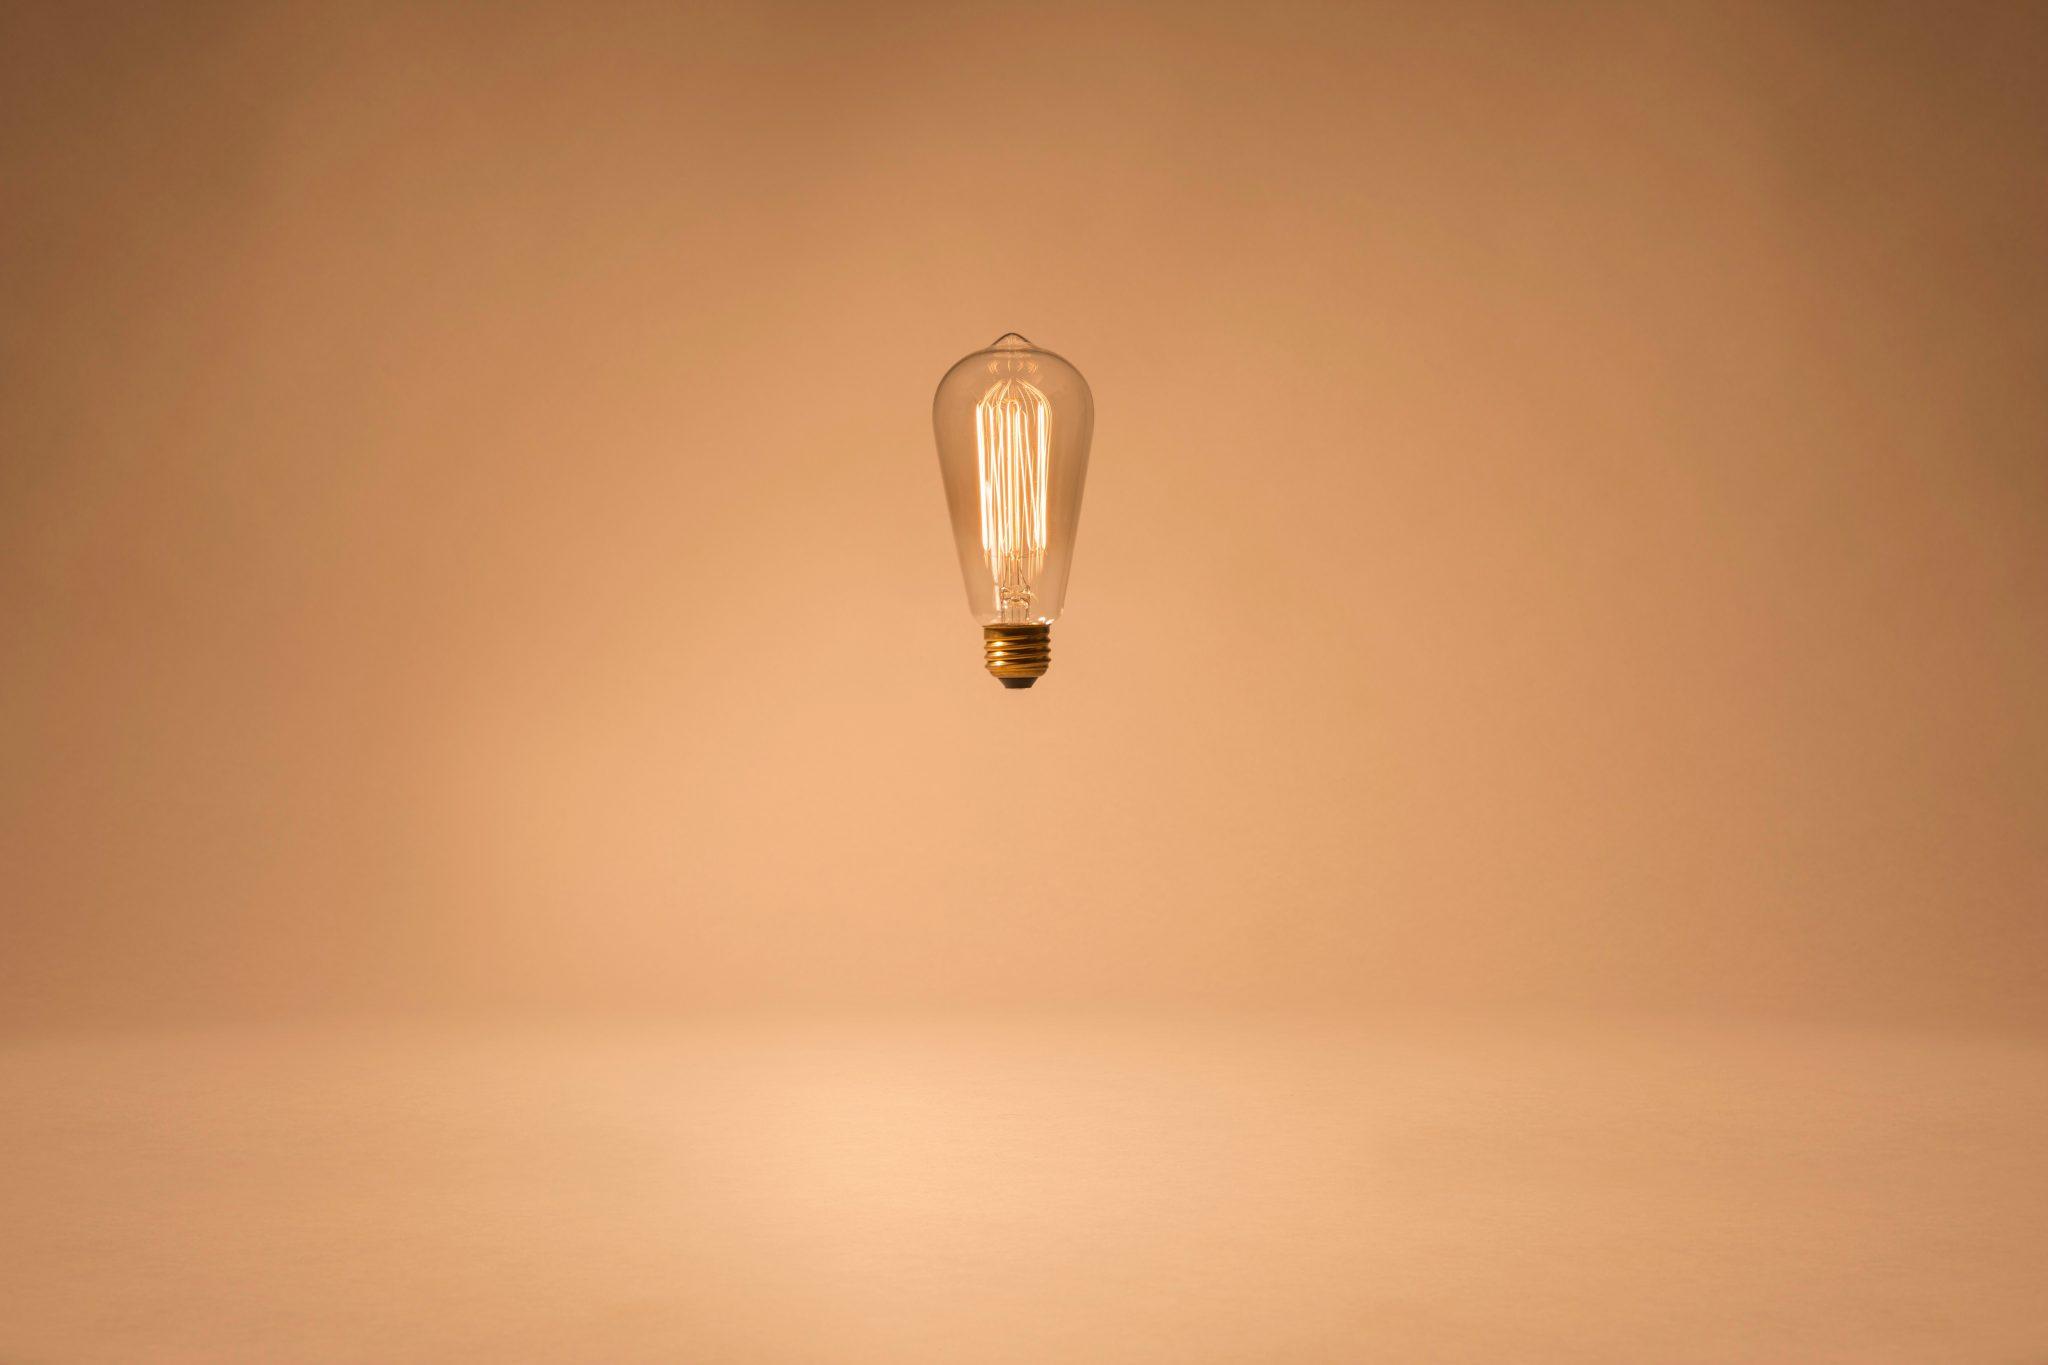 Realizujesz pomysły? Warto je czasem przemyśleć, zanim je zrealizujesz.